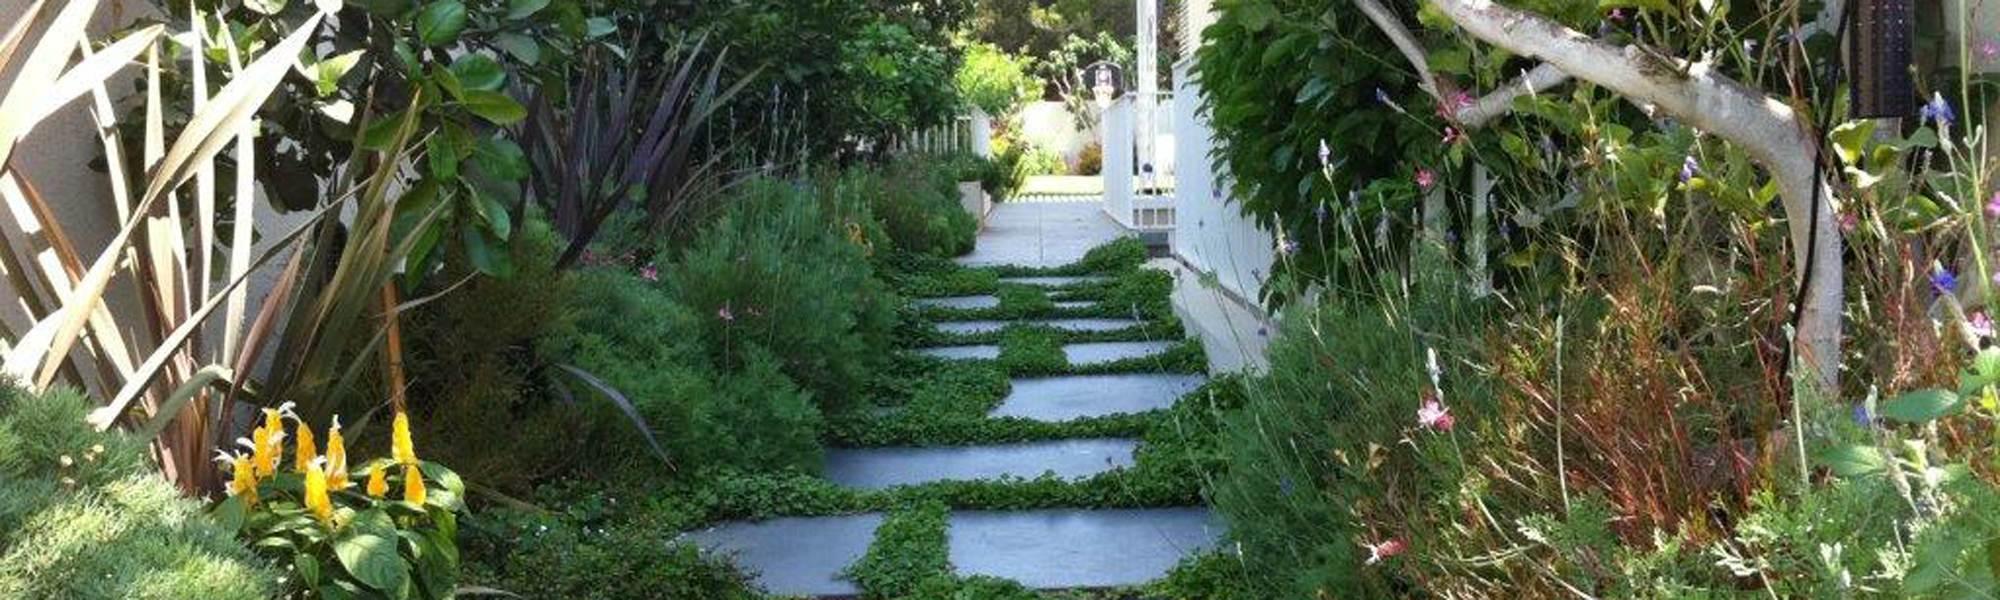 שביל גישה בגינה מעוצבת בשיחים